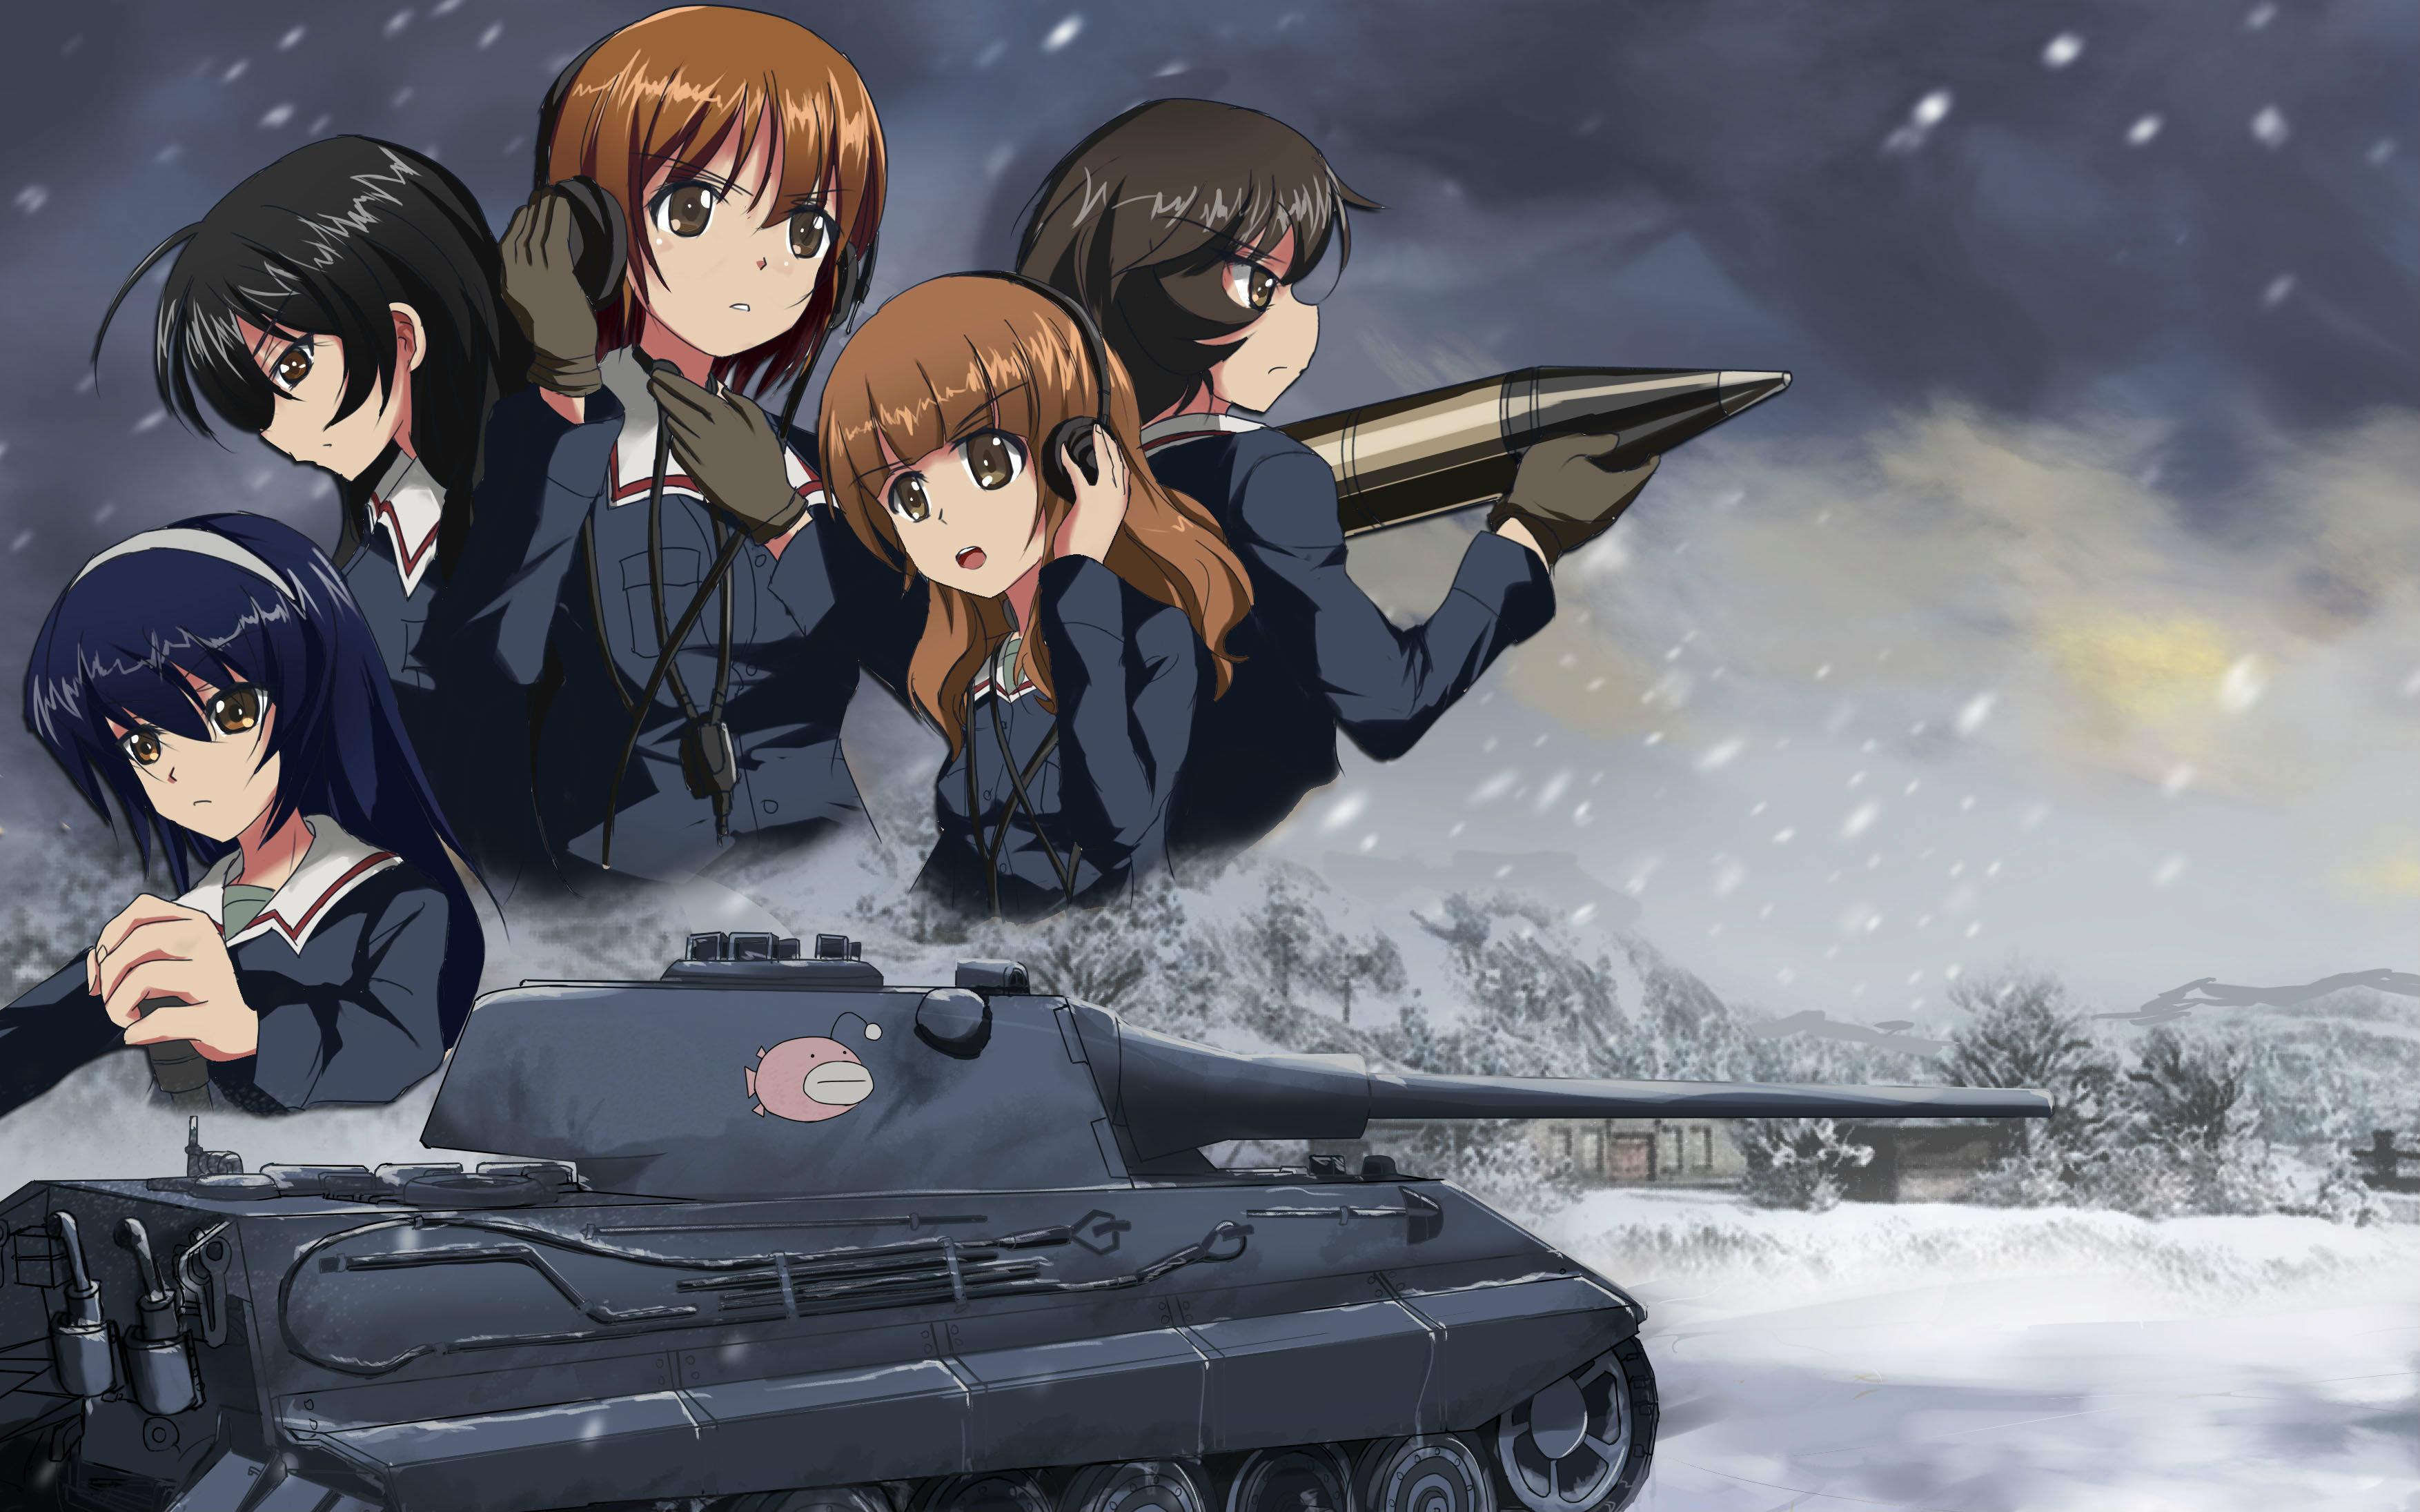 【德语配音】【720p】少女与战车 【恶魔岛字幕】